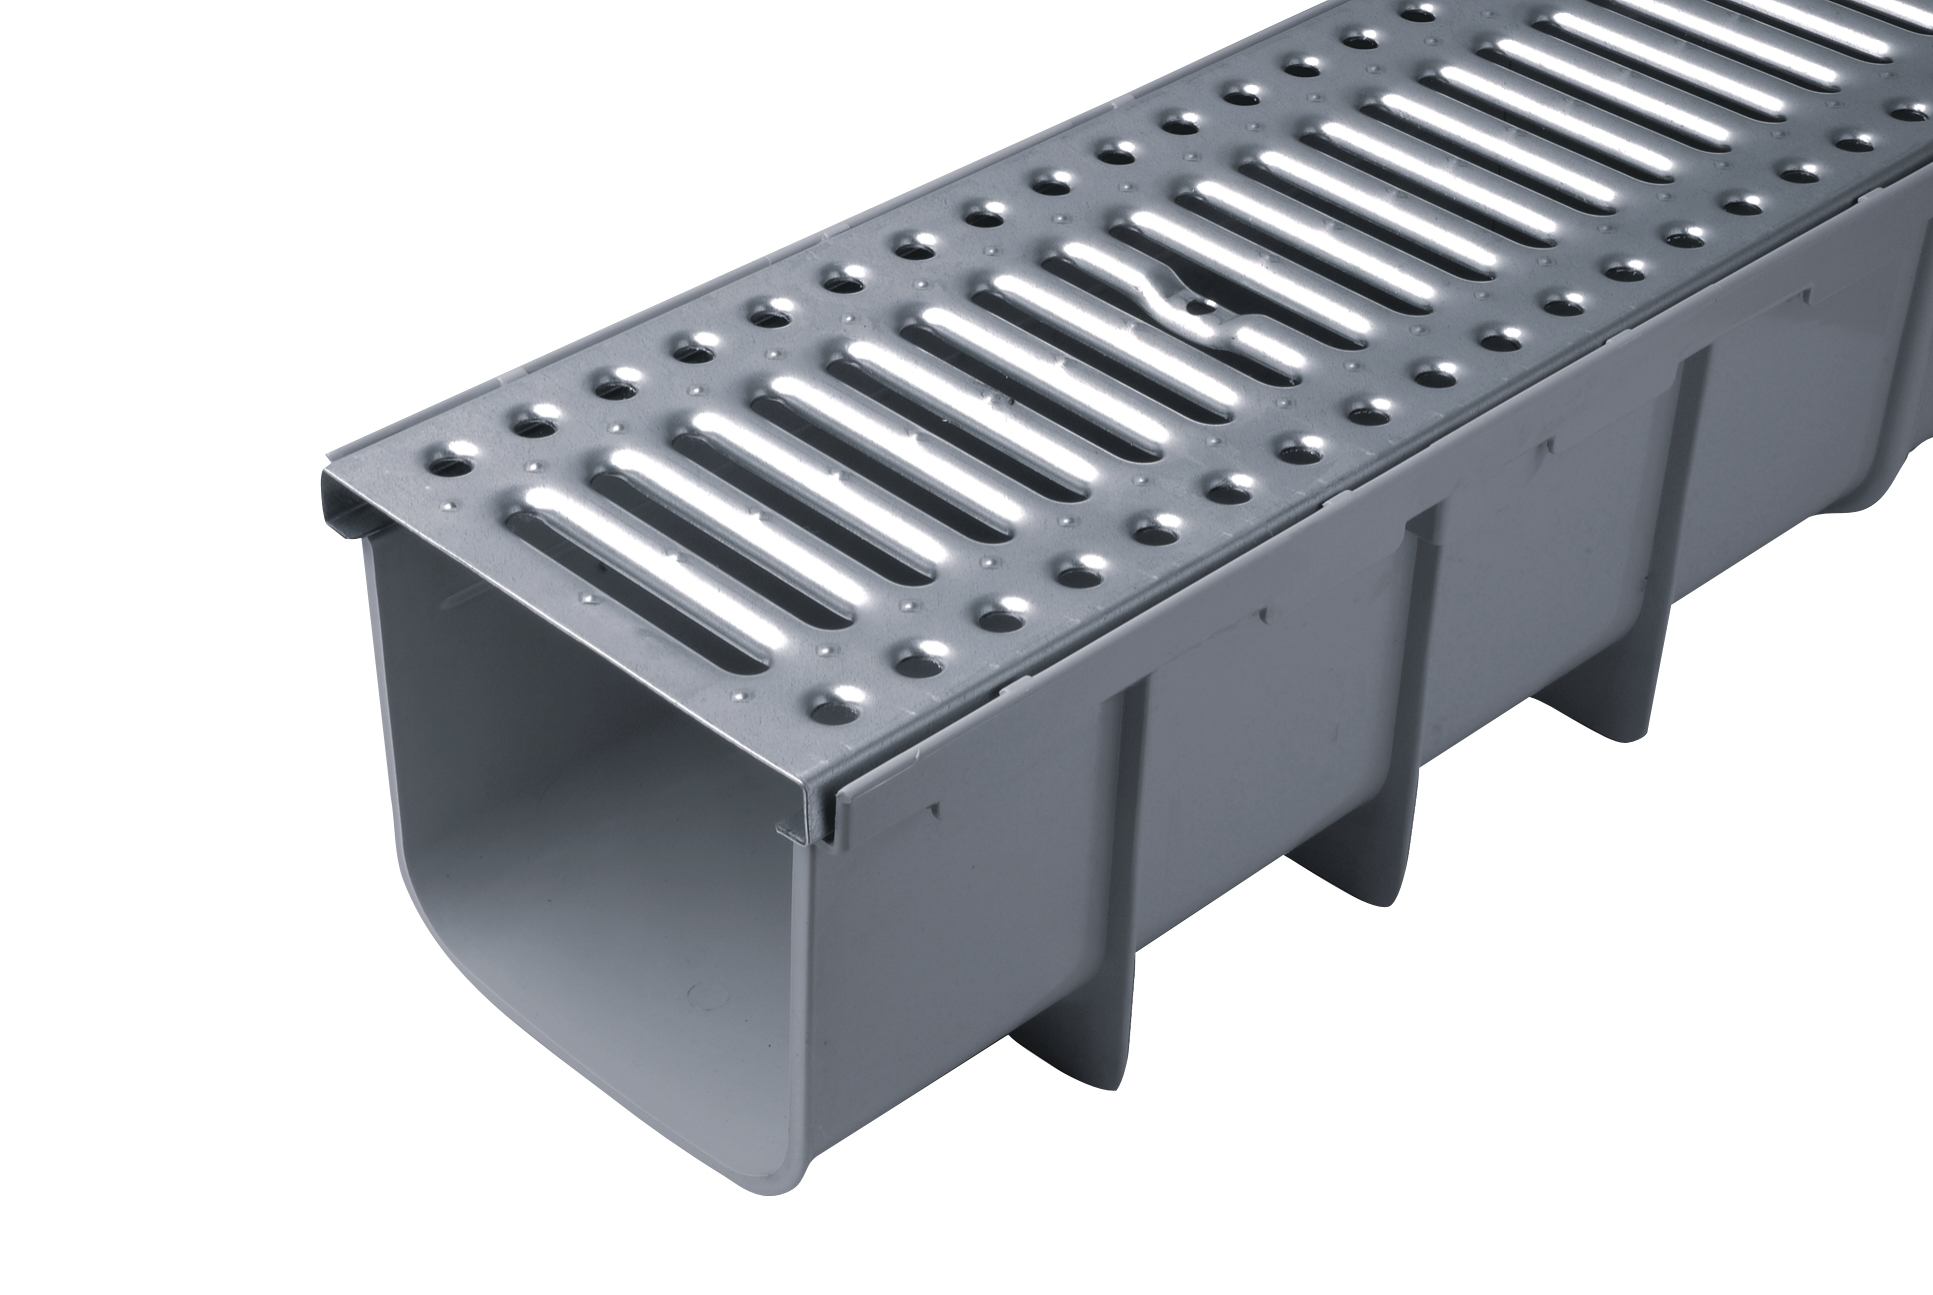 Uralita sistemas de tuber as s a productos construnario - Precio canaleta pvc ...